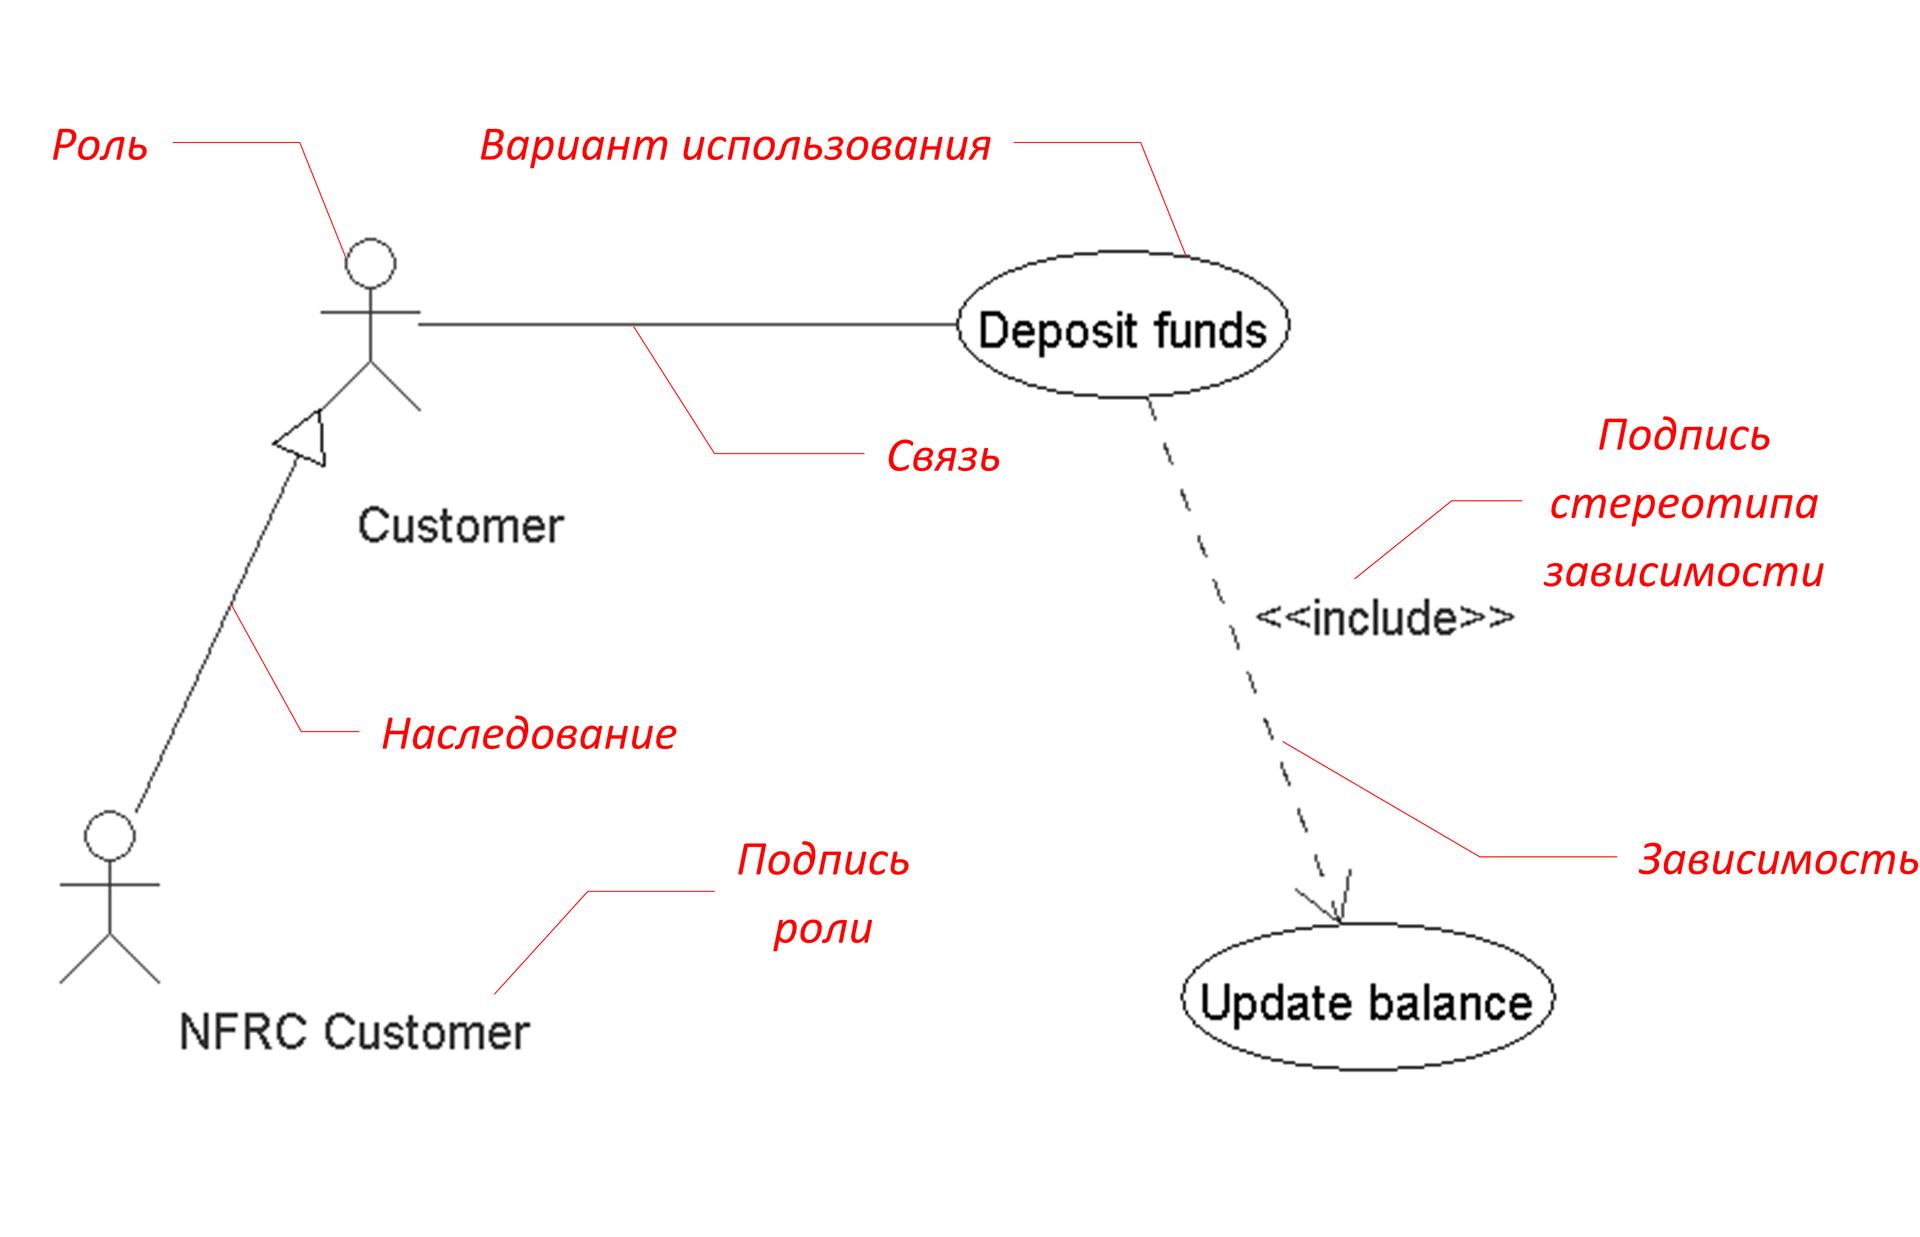 Реализация интерактивных диаграмм с помощью ООП на примере прототипа редактора UML-диаграмм. Часть 1 - 6